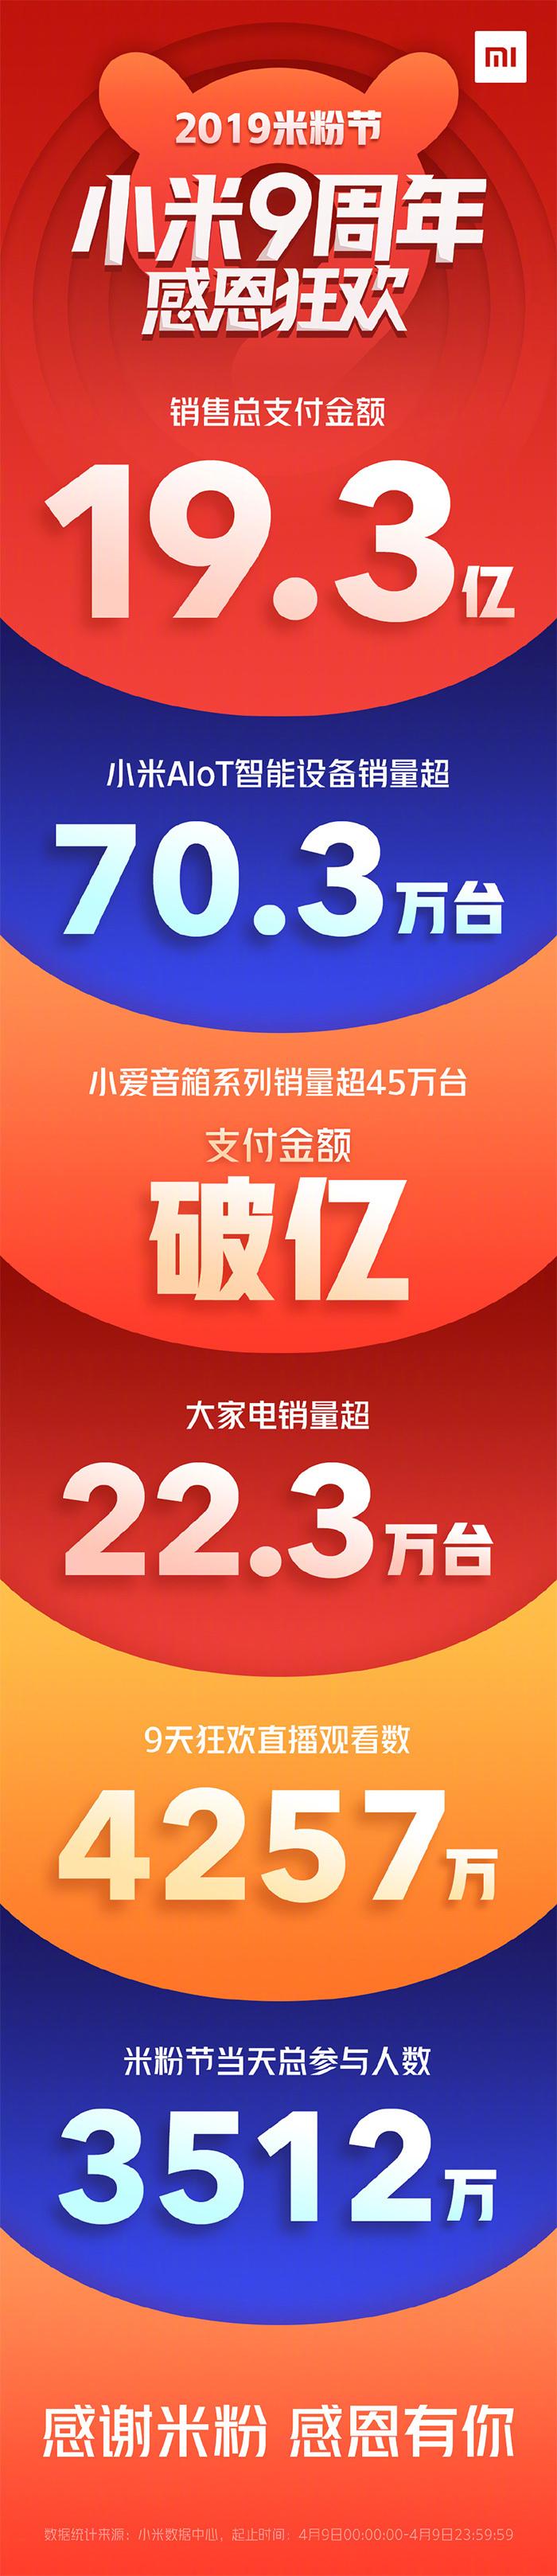 小米9周年狂欢米粉节落幕:支付金额19.3亿,小米9现货购买的照片 - 2